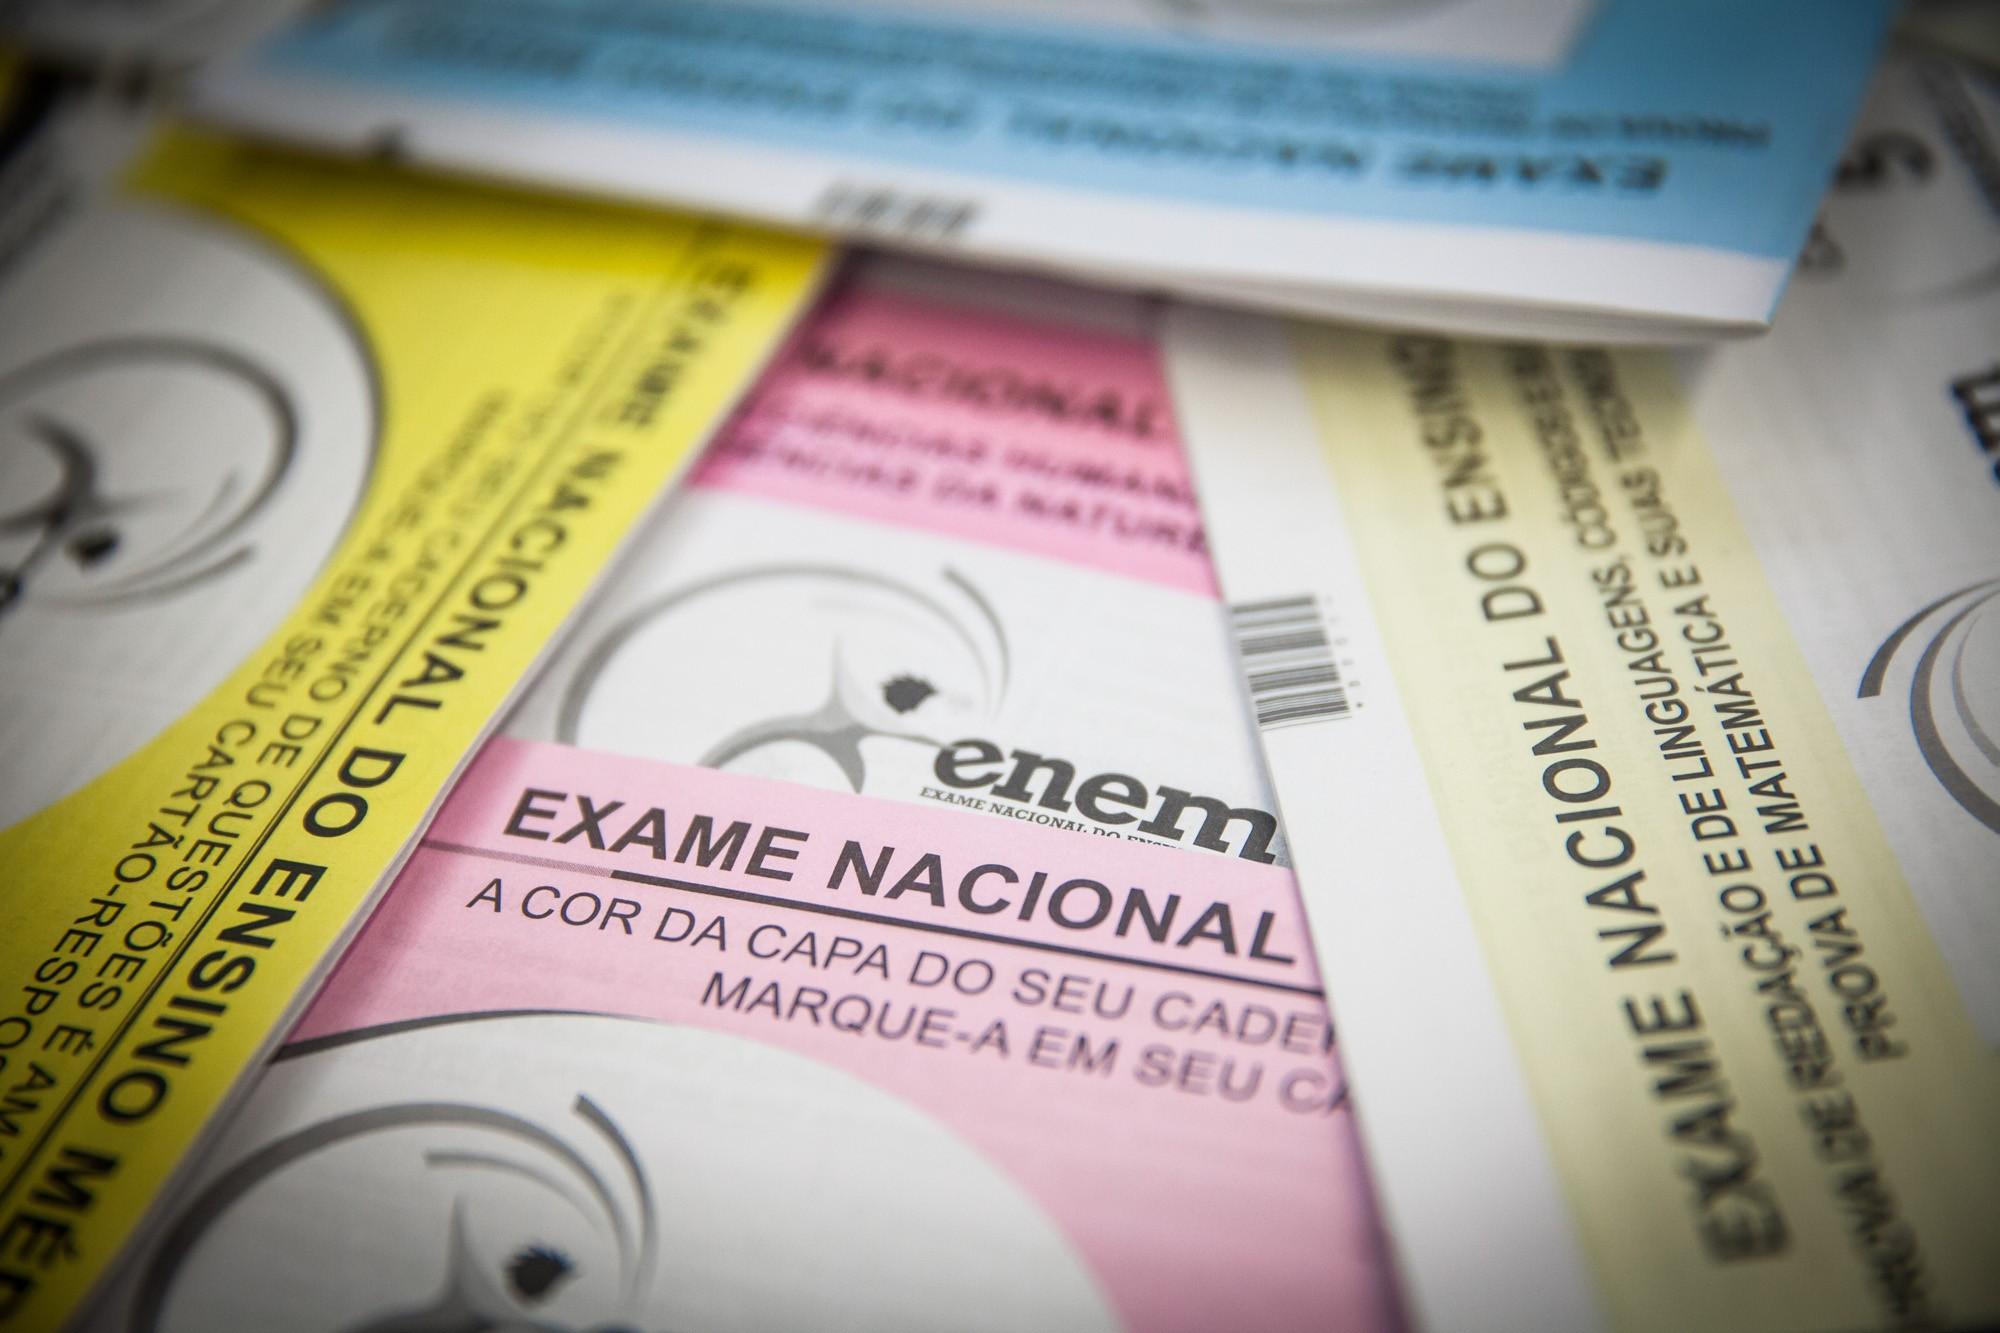 Portal Nacional da Educação realizou um análise de cenário para a escolha  do tema da redação para as provas do Enem 2020